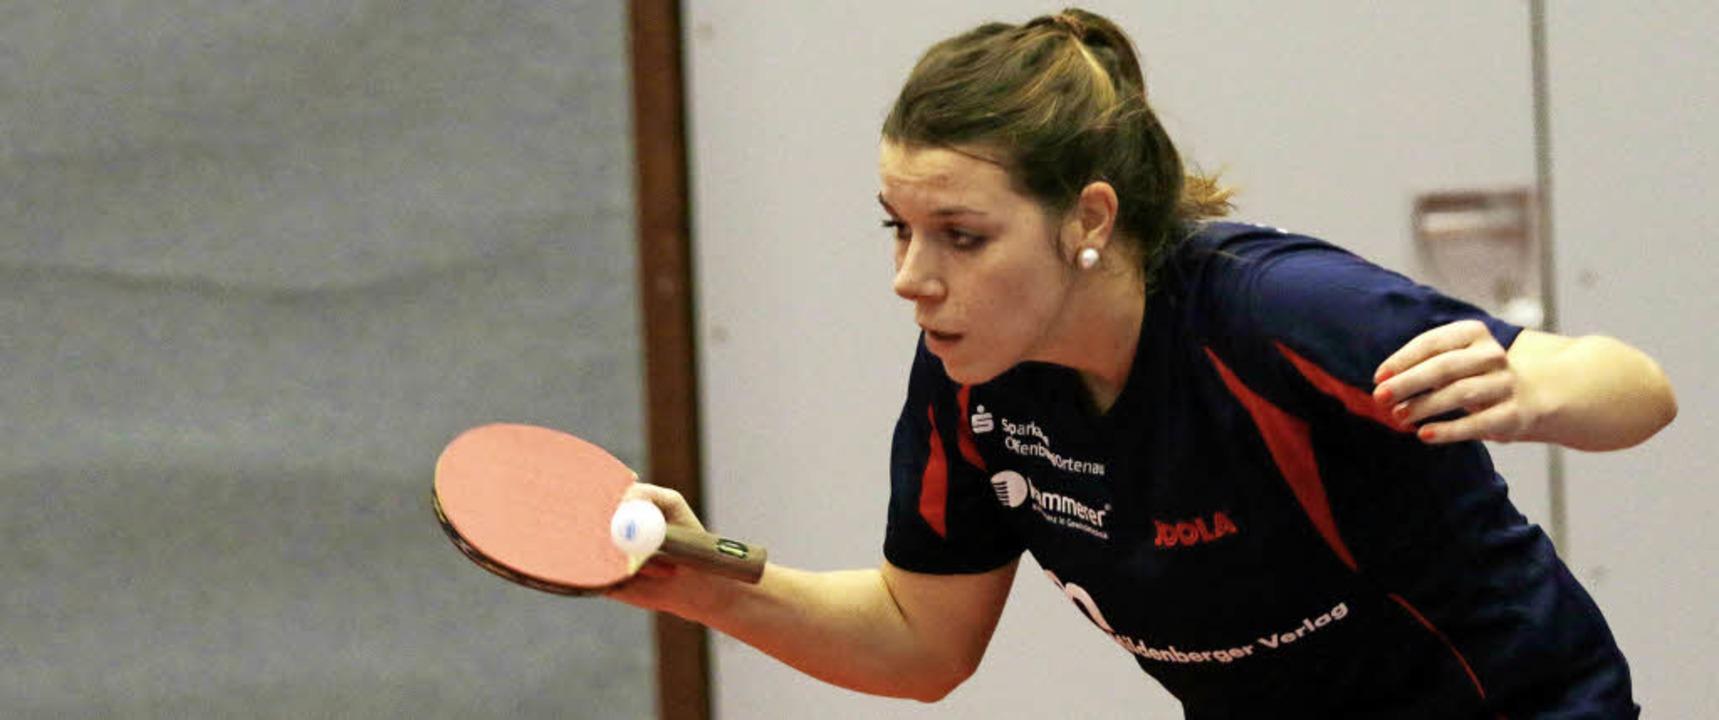 Theresa Lehmann spielte eine starke Runde.   | Foto:  Uwe Rogowski